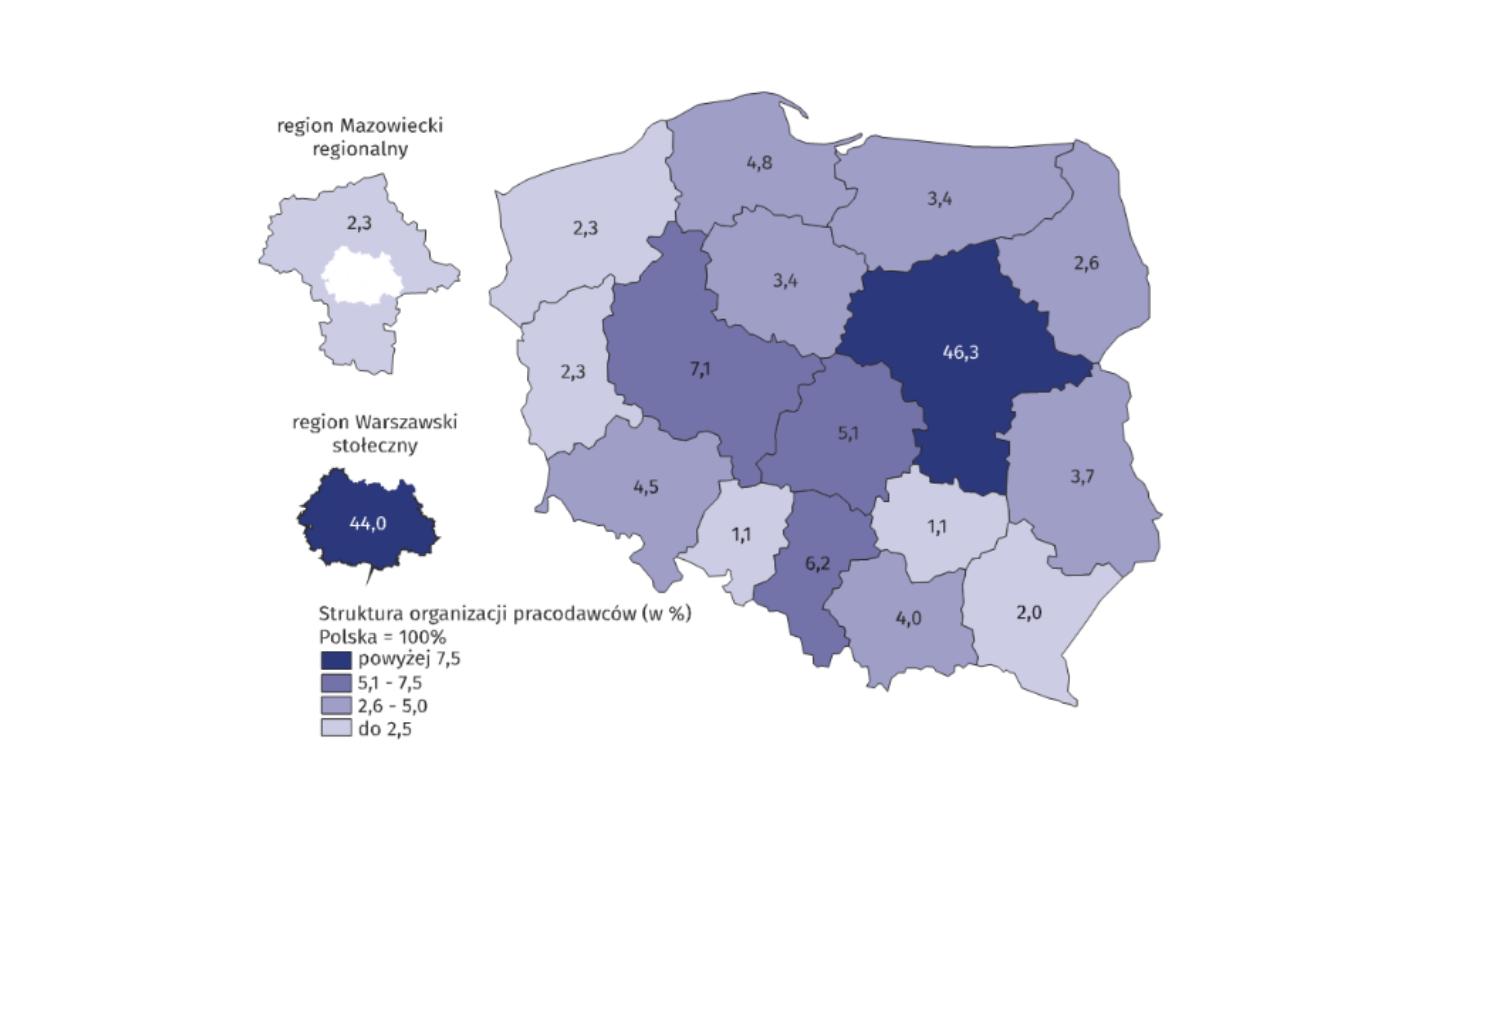 Organizacje pracodawców według województwa, w którym miały siedzibę w 2018 r. (źródło: materiały prasowe GUS)